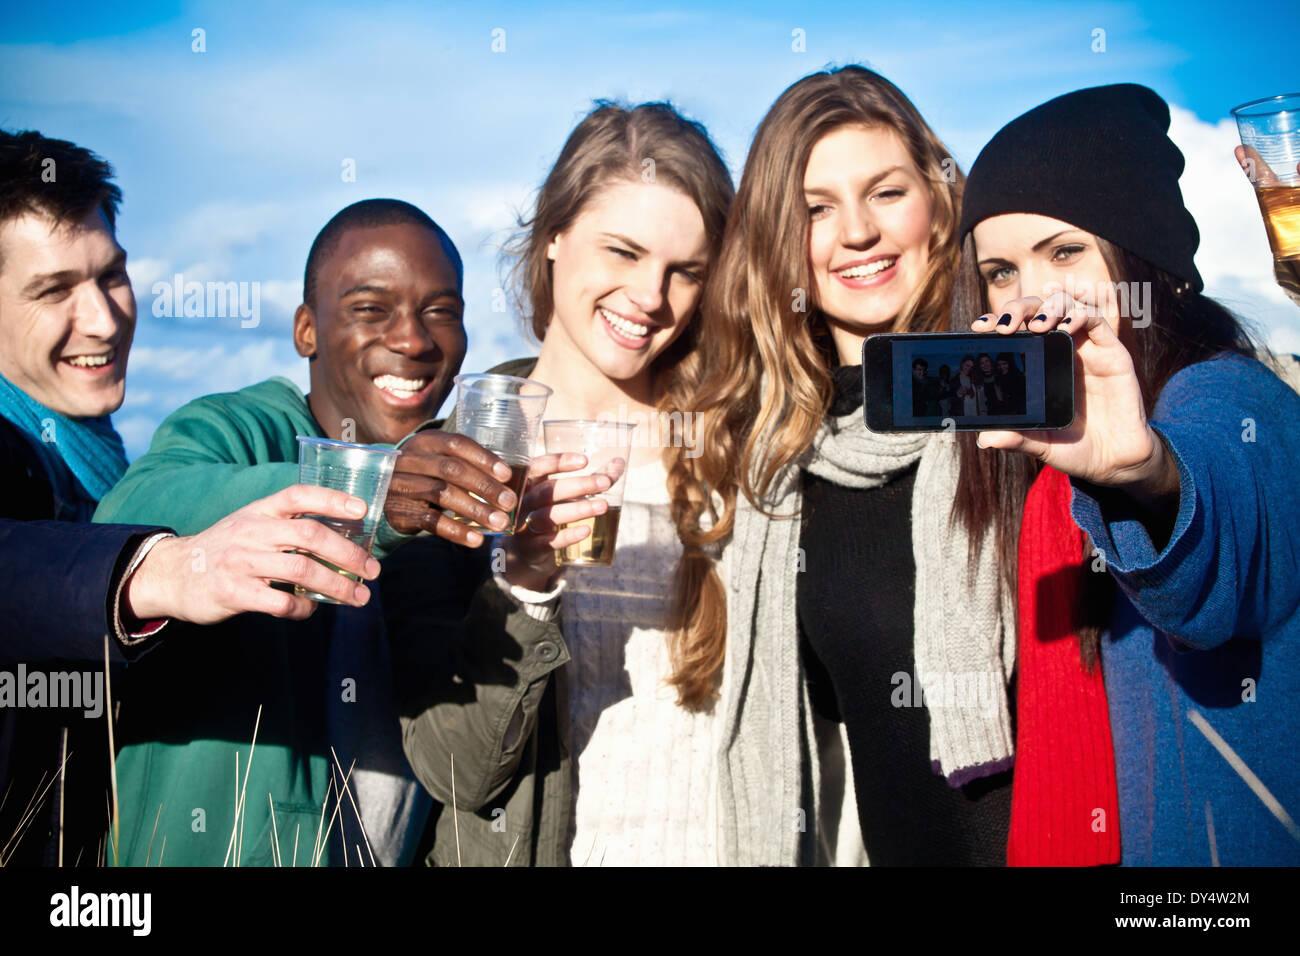 Giovani amici adulti la tostatura con vino bianco e tenendo selfie Immagini Stock